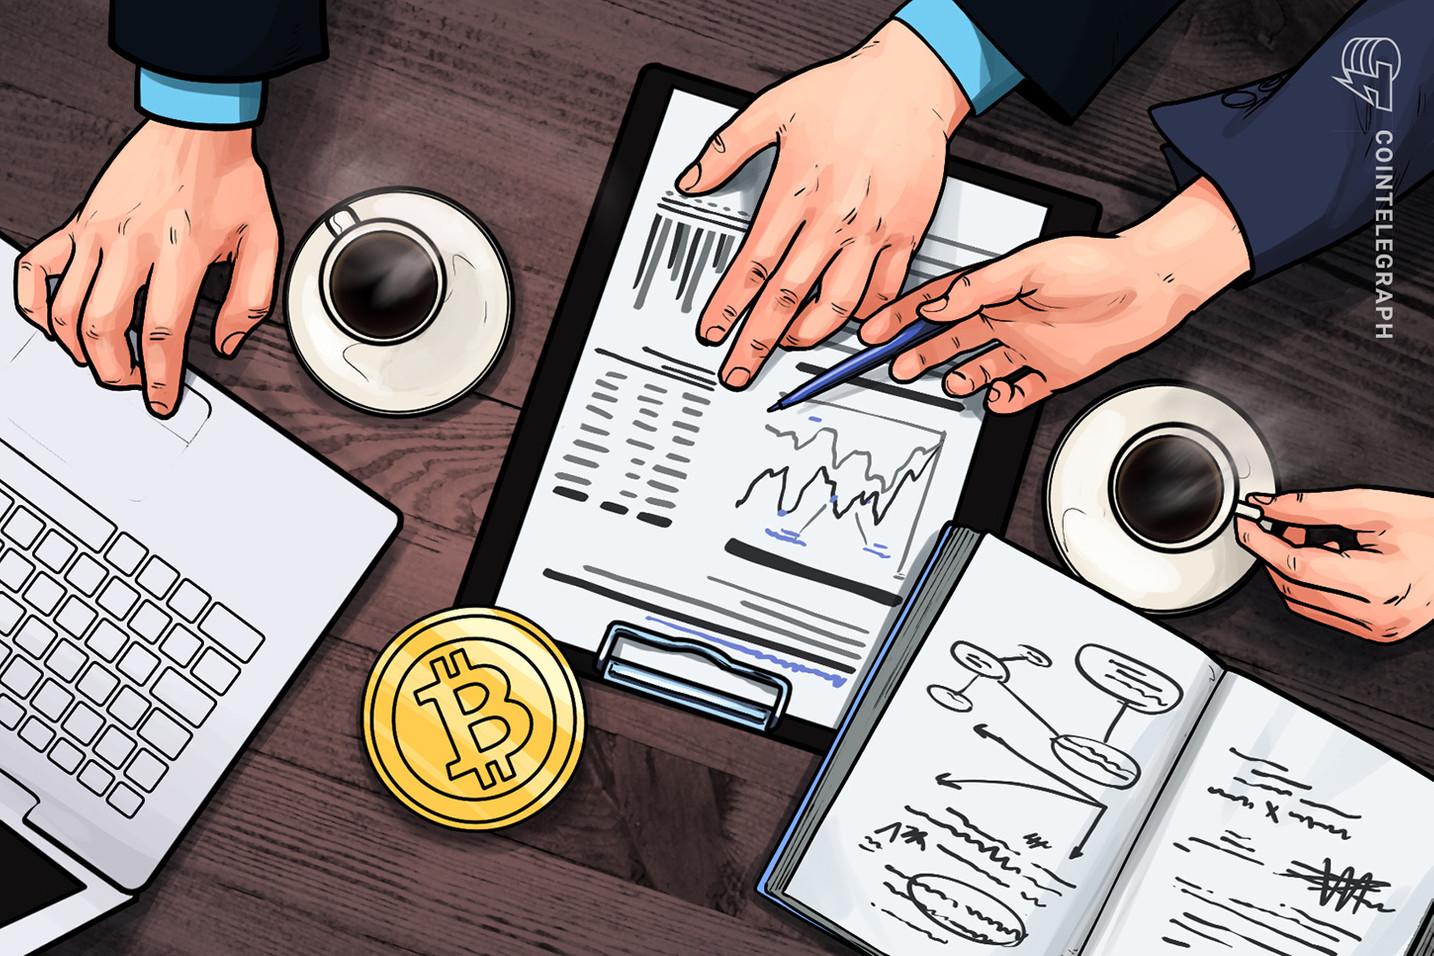 Los traders identifican los USD 51,000 como el nivel clave que Bitcoin debe superar a corto plazo